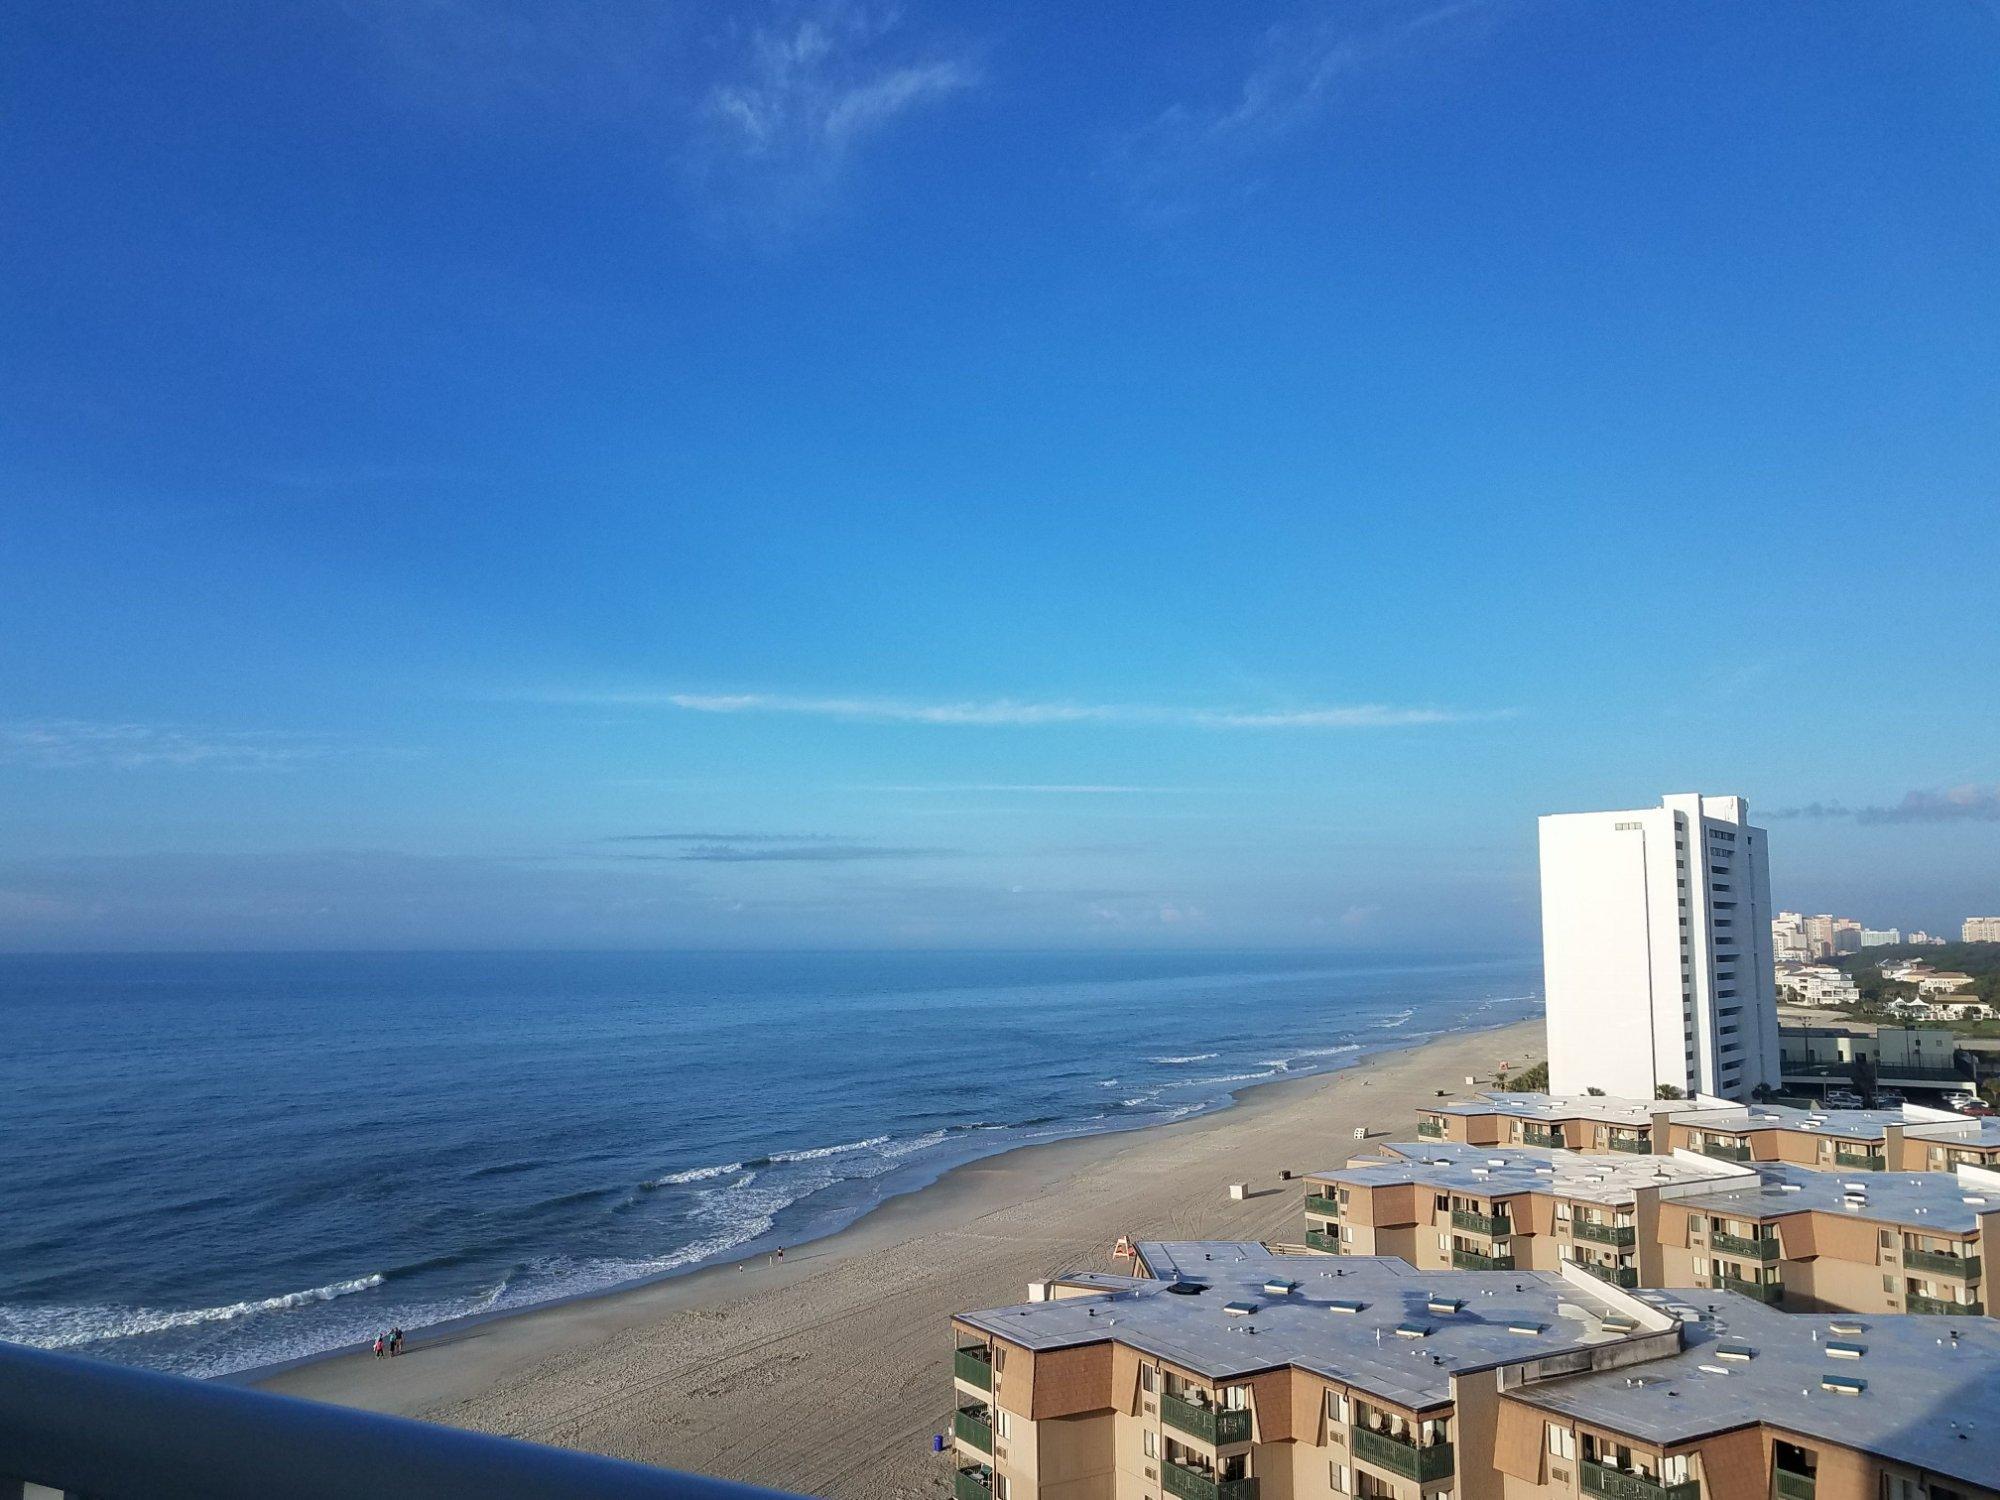 Sands Ocean Club Resort Balcony View